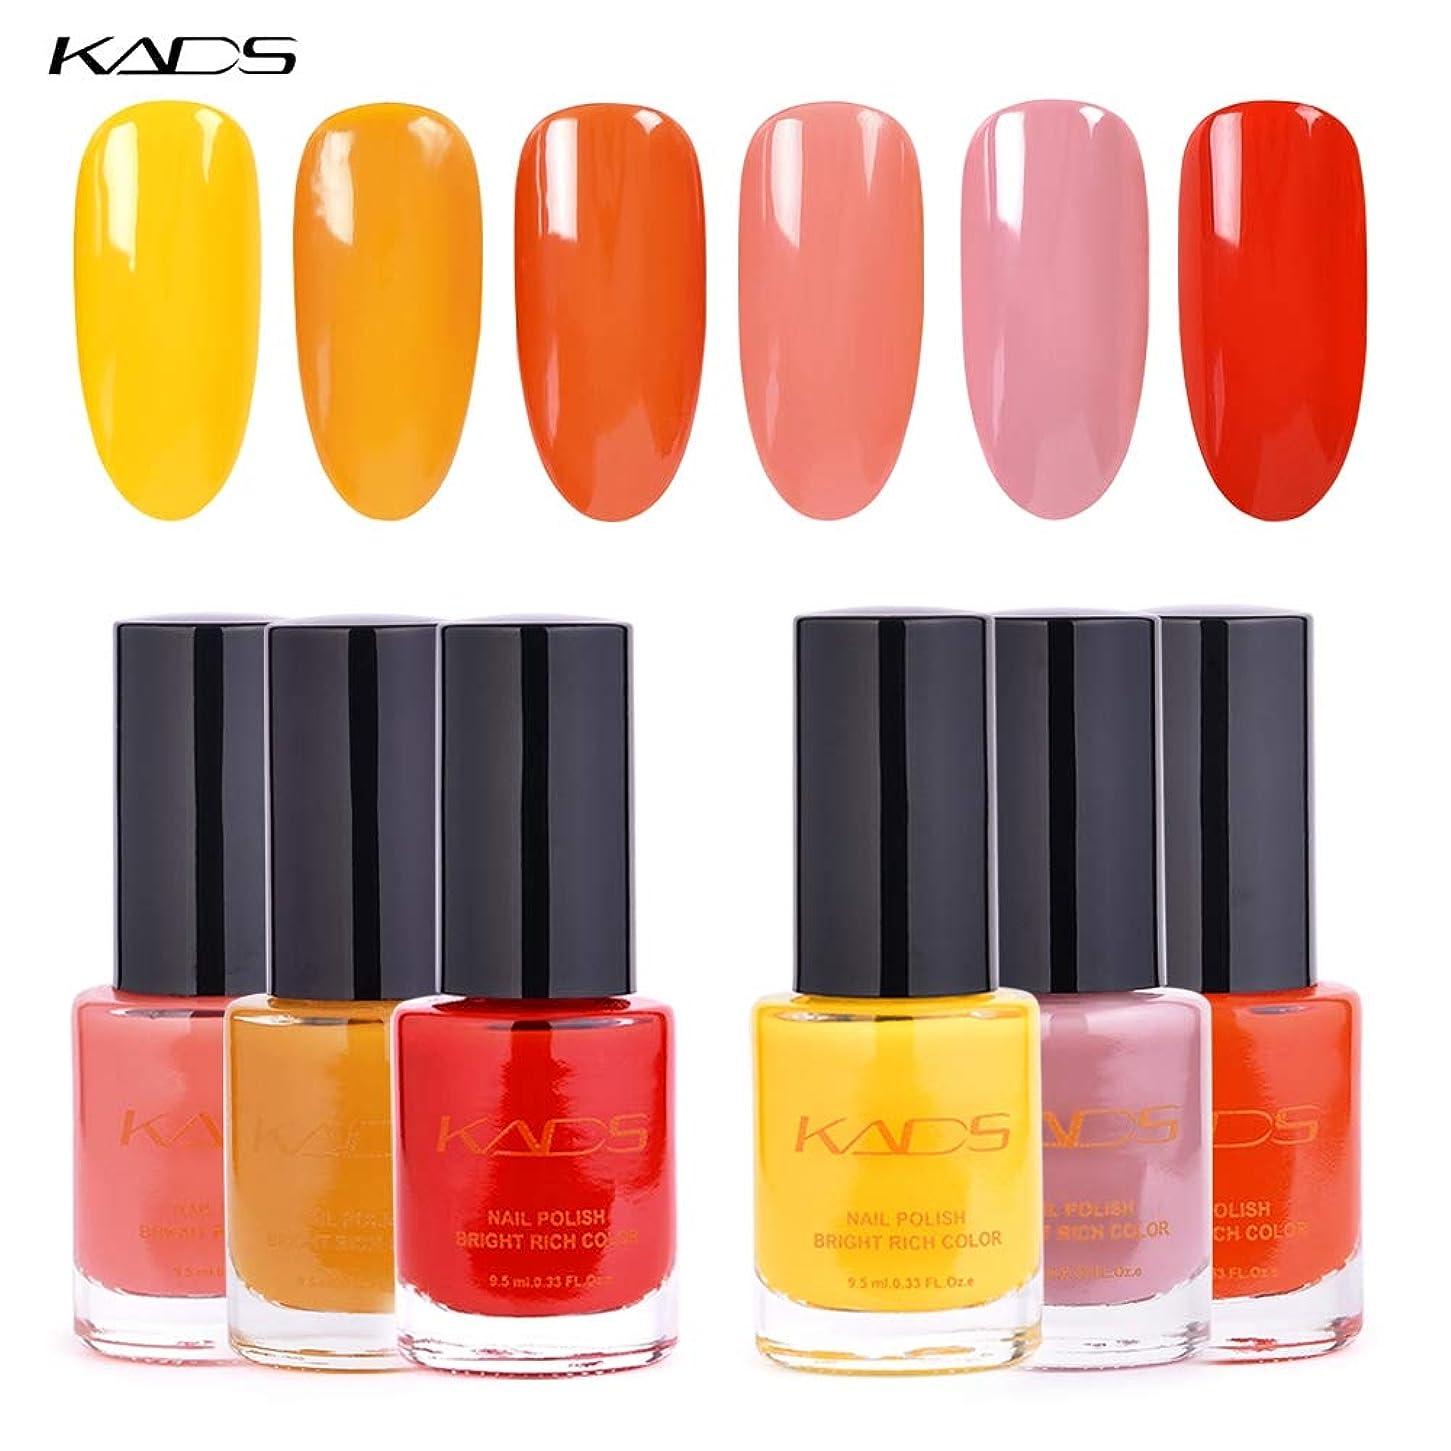 恩恵無実接続KADS ネイルポリッシュ ゼリーシリーズ ピンク/オレンジ/イエロー 6色入り 9.5ML 艶長持ち マニキュアセット